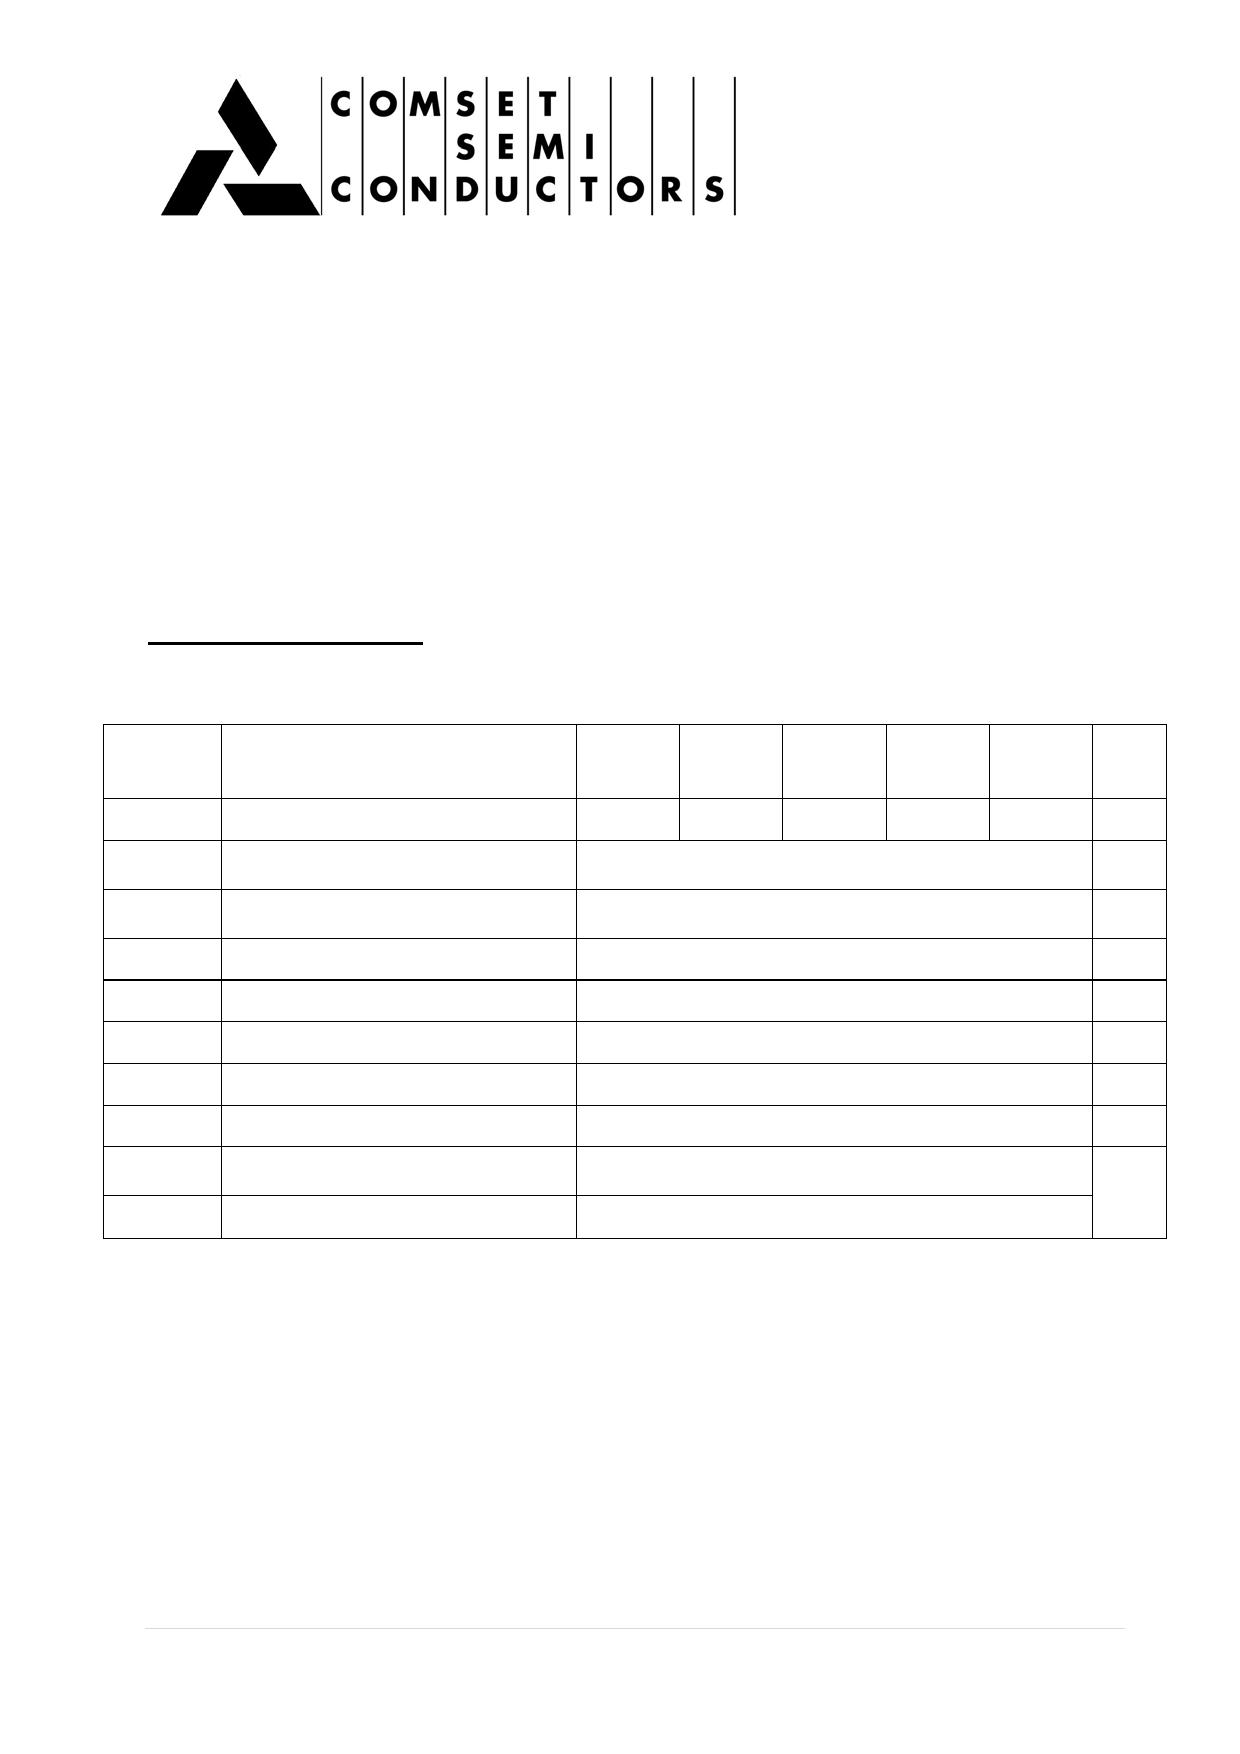 2N1599 Datasheet, 2N1599 PDF,ピン配置, 機能